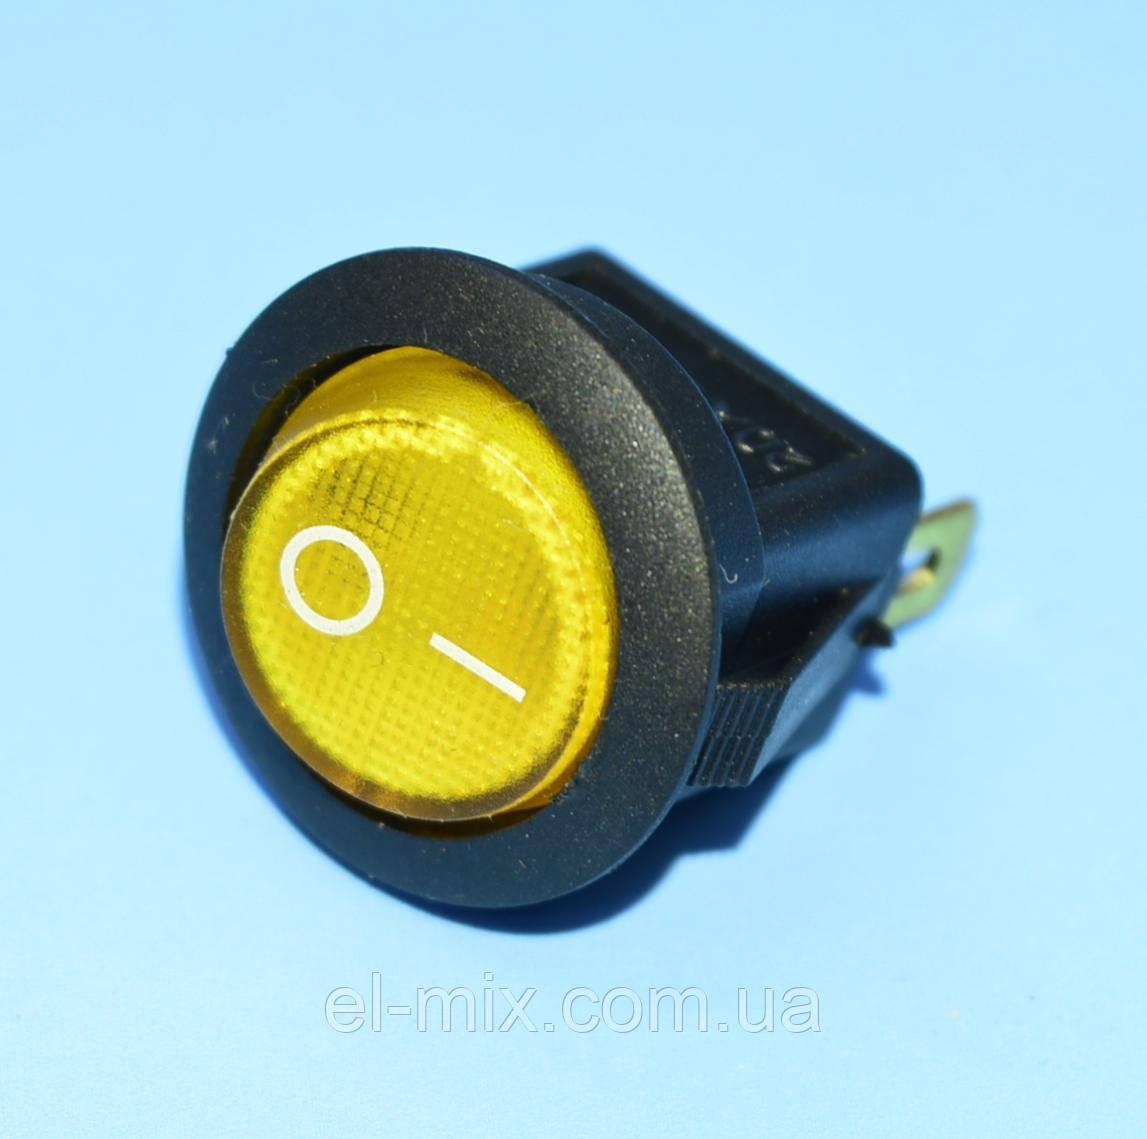 Вимикач 12В IRS-101-8С жовтий 1-група ON-OFF PRK0018Е